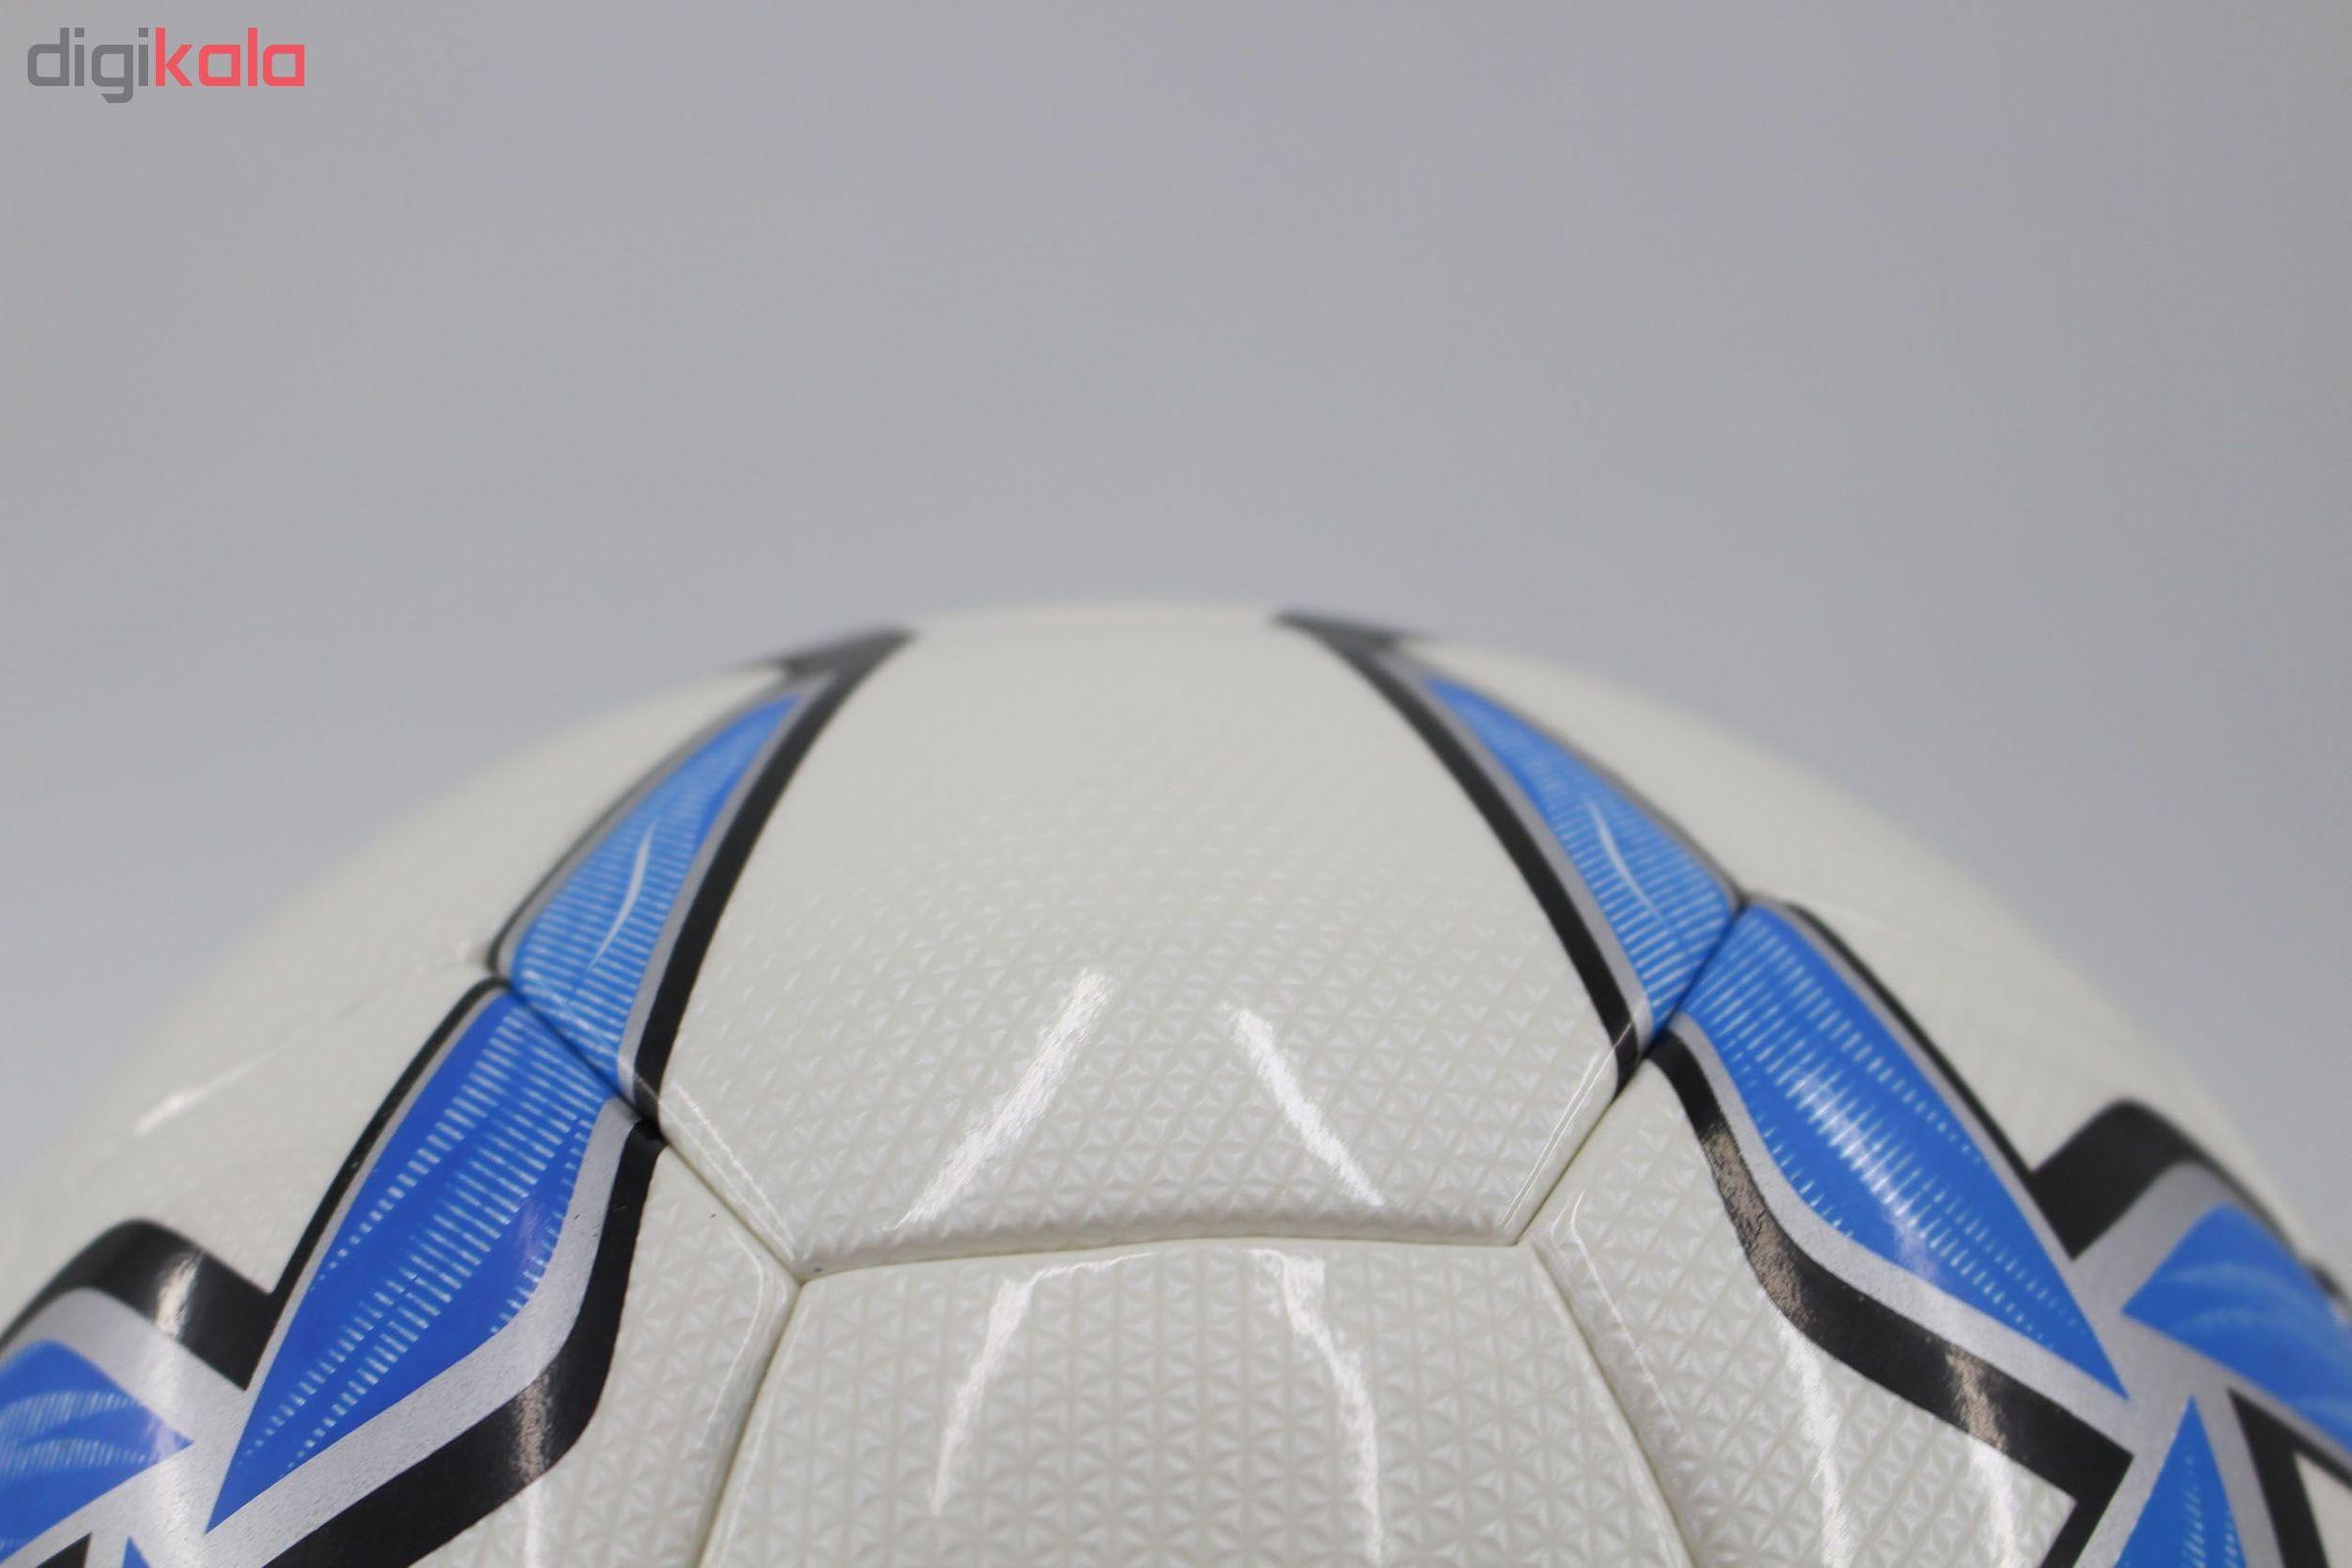 توپ فوتبال مدل Vantiaggio 5000 main 1 3